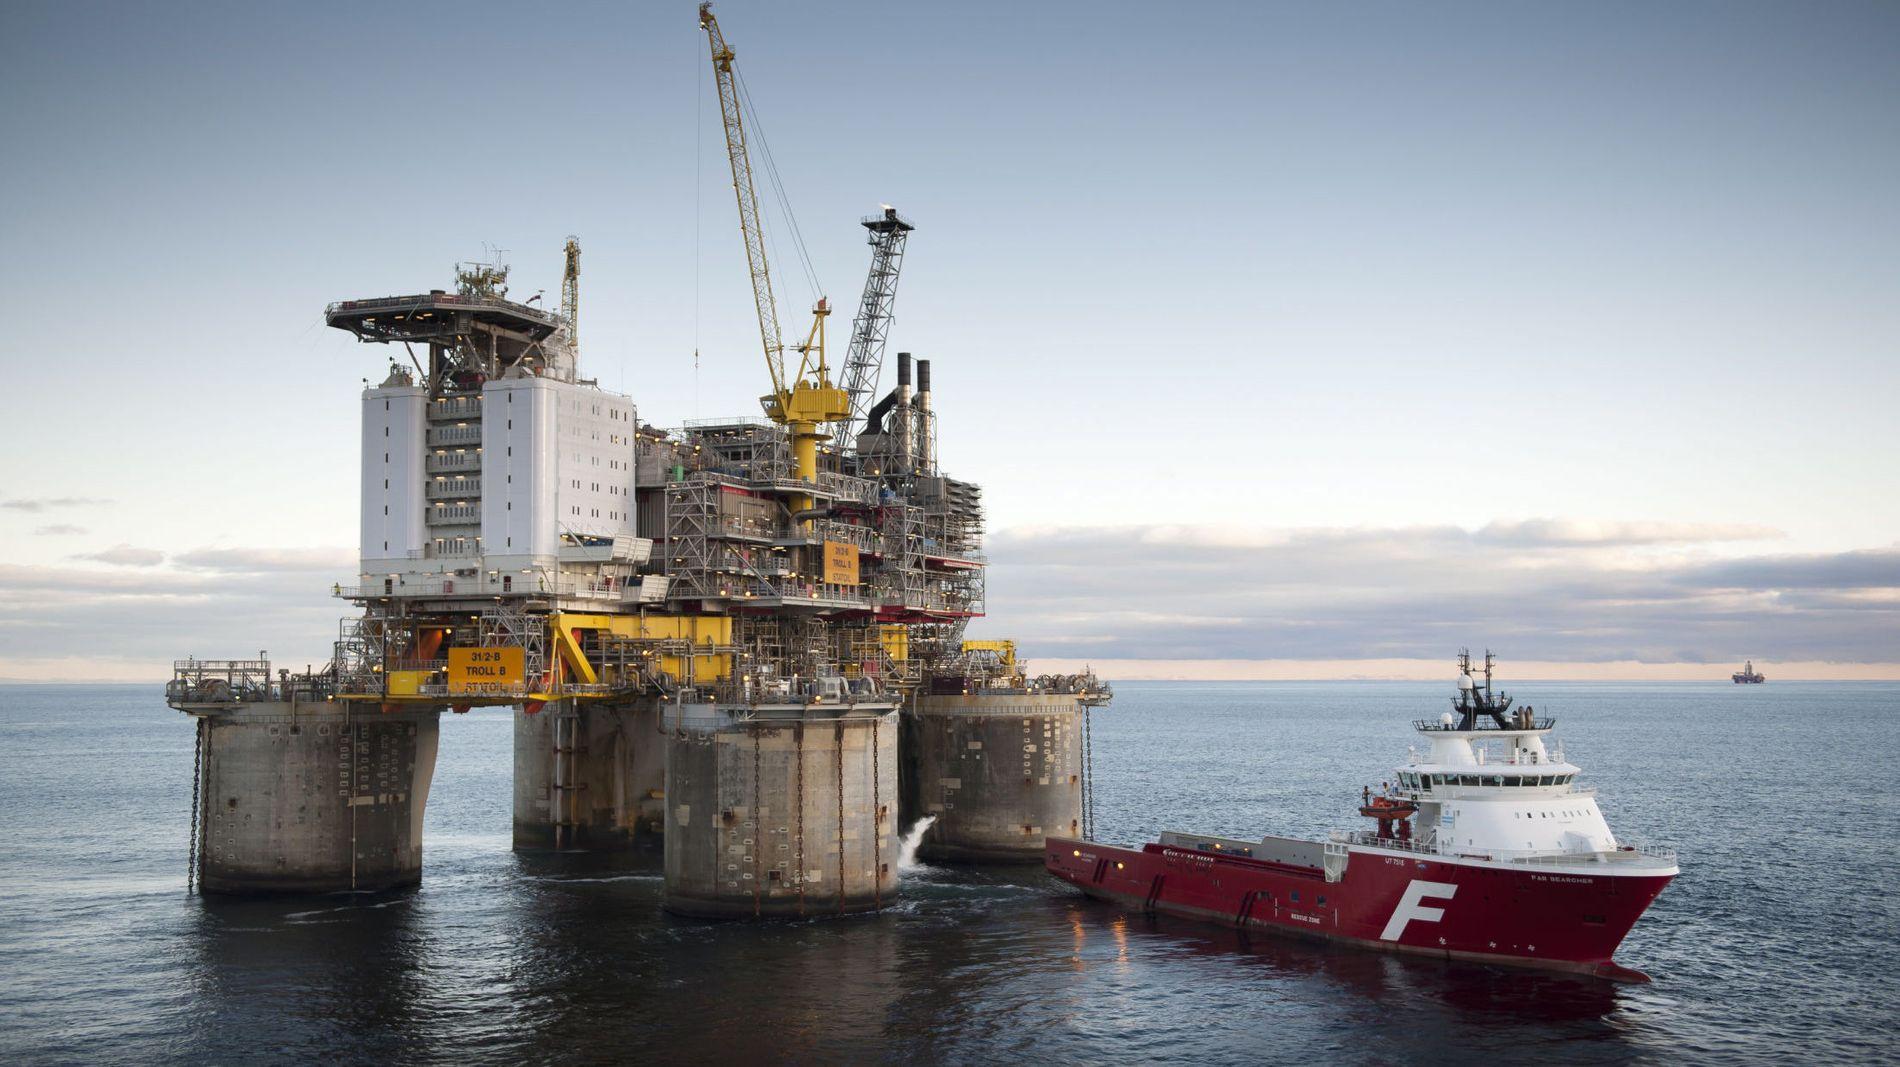 MINDRE OLJESKATT: Det ble samlet betalt inn 119,3 milliarder kroner i oljeskatt i løpet av fjorårets syv første måneder. I samme periode i år er skatteinngangen fra oljen nede i 94,6 milliarder. Det er en nedgang på 20,7 prosent, eller 24,7 milliarder kroner.